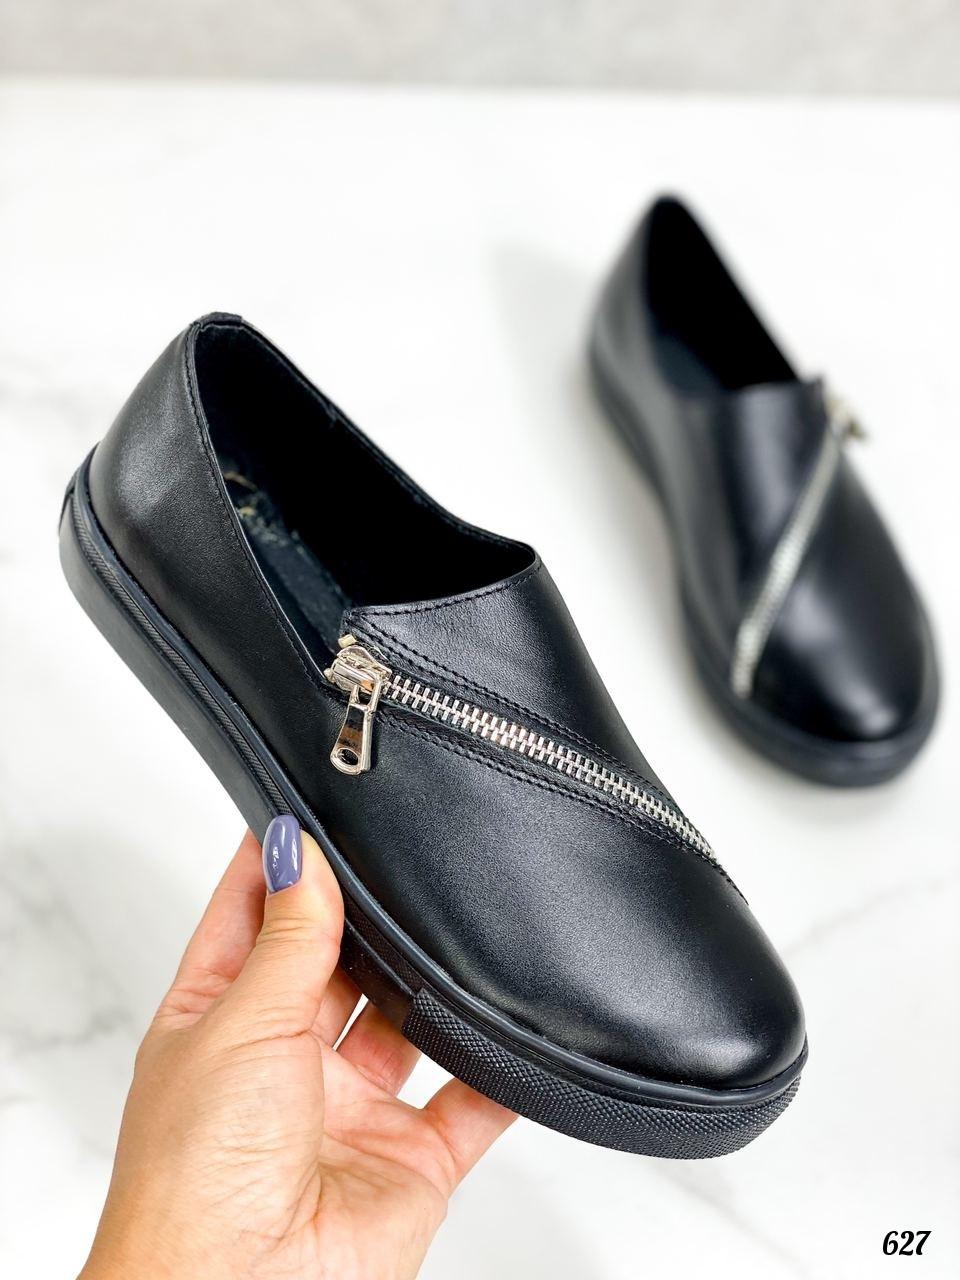 Женские туфли / слипоны черные с молнией натуральная кожа